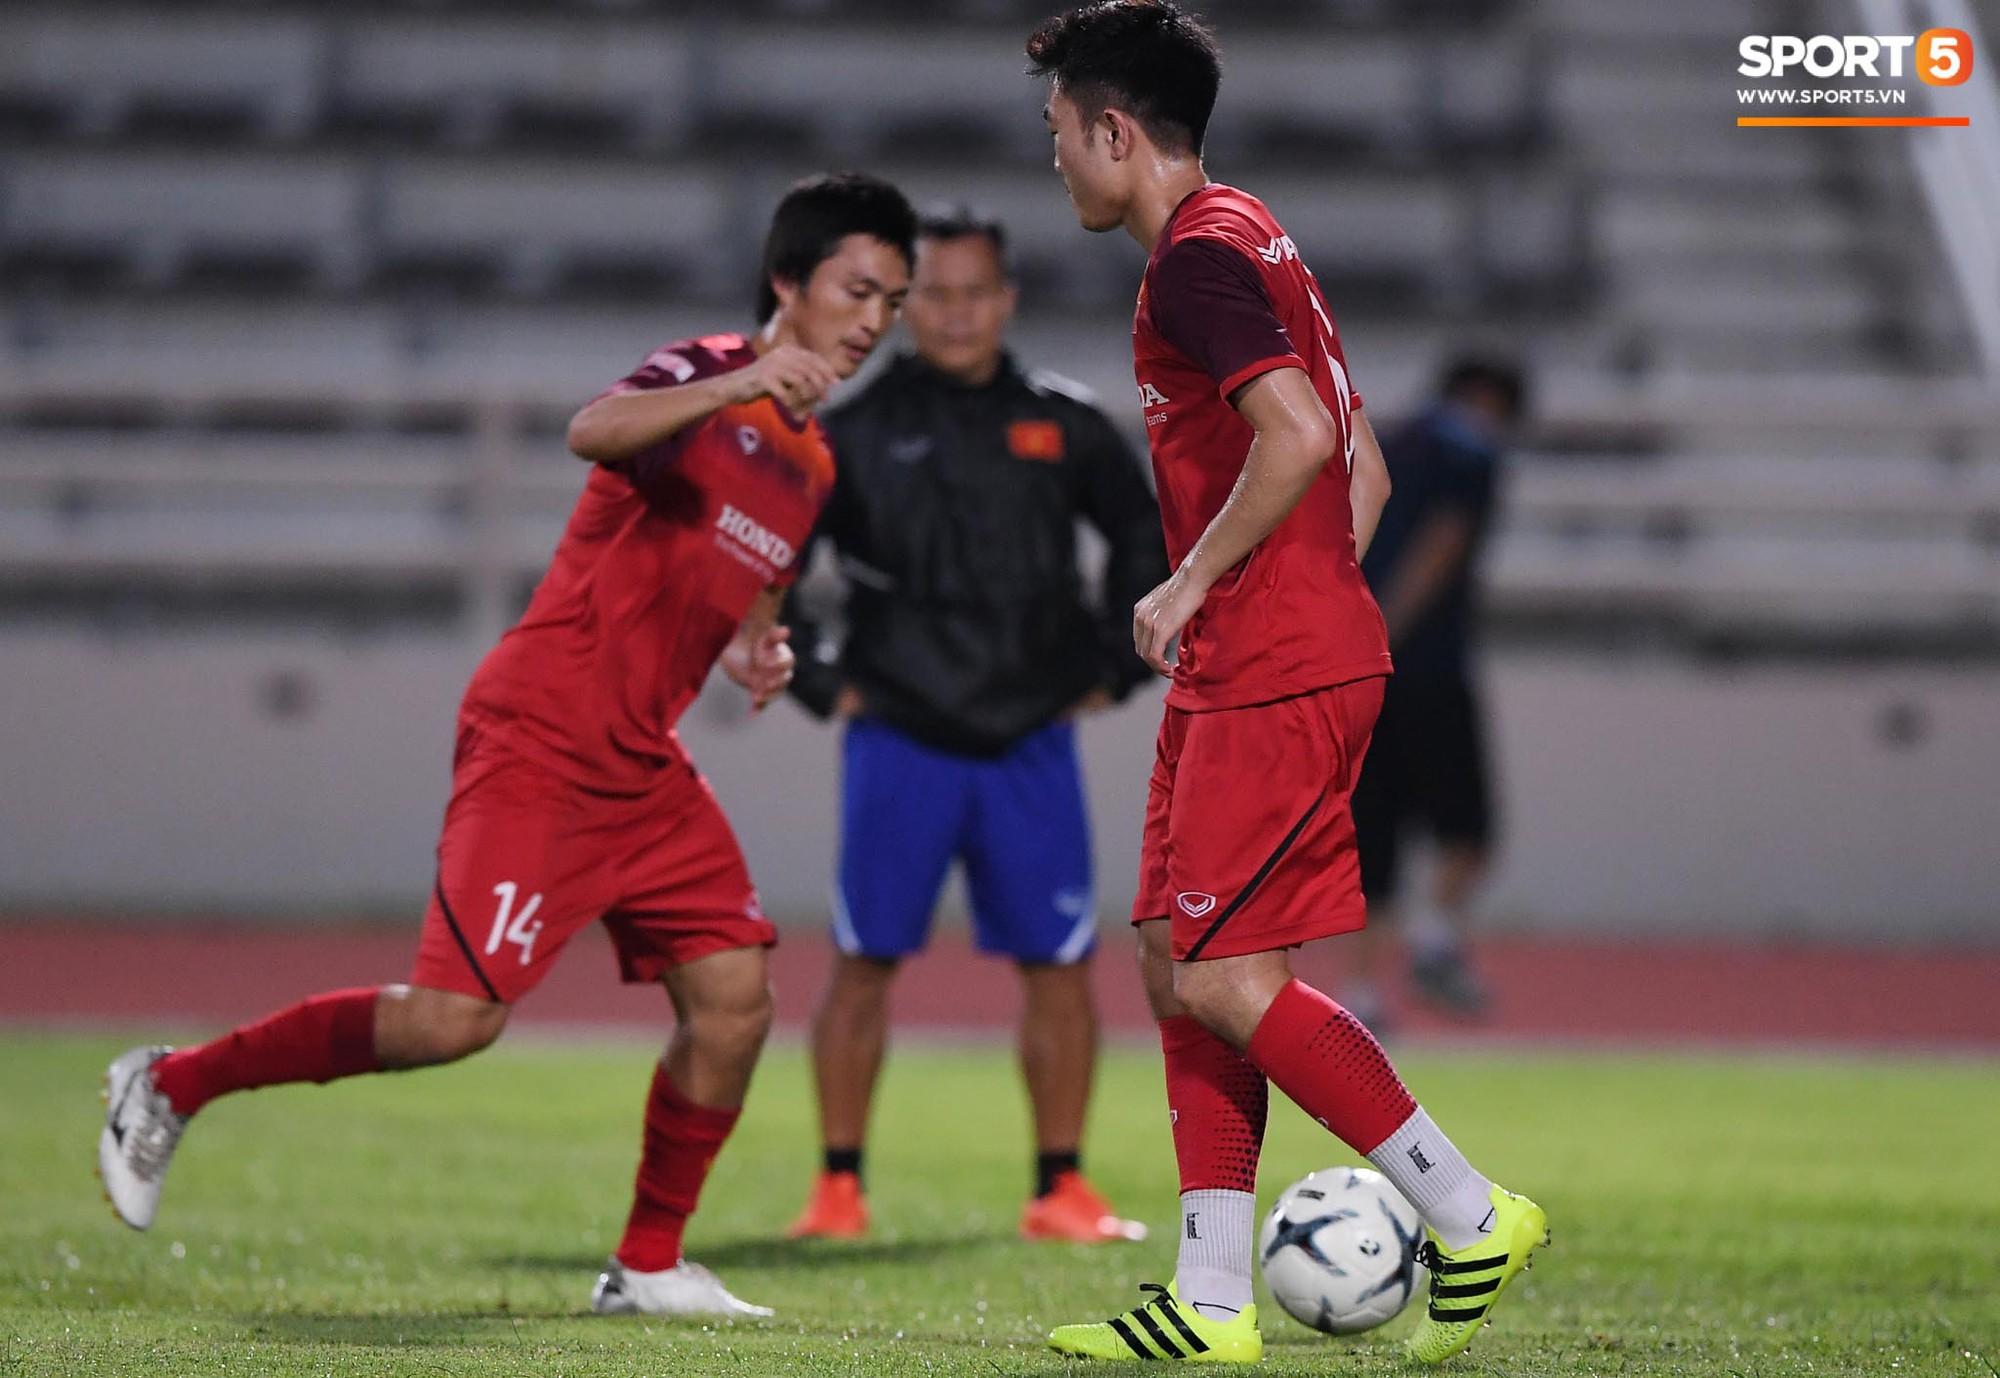 Xuân Trường trò chuyện không ngớt cùng Tuấn Anh, cặp tiền vệ tài hoa ngày nào của U19 Việt Nam chính thức tái hợp - Ảnh 3.